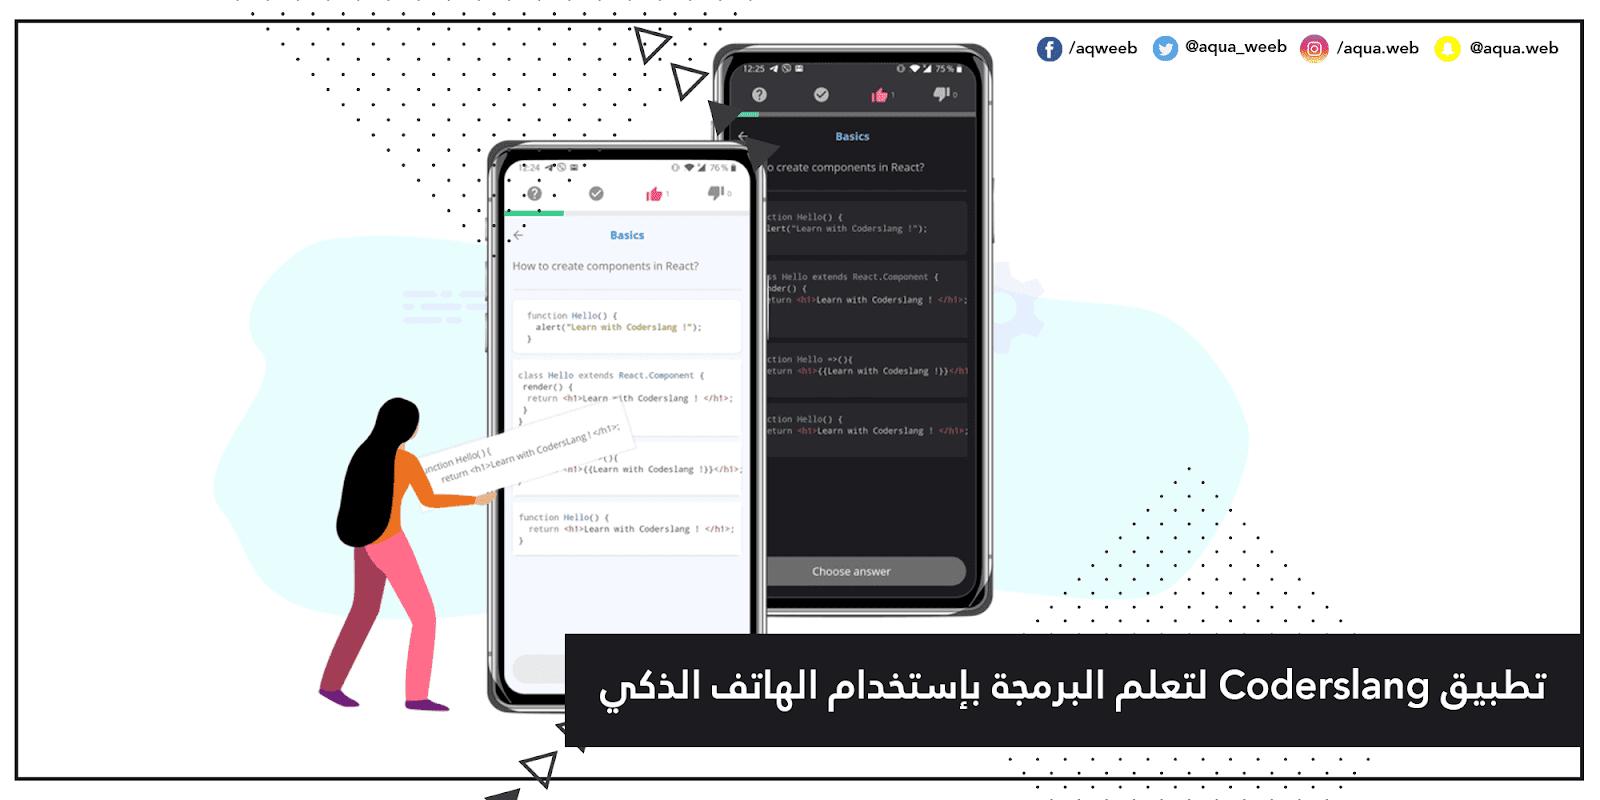 تطبيق Coderslang لتعلم البرمجة بإستخدام الهاتف الذكي